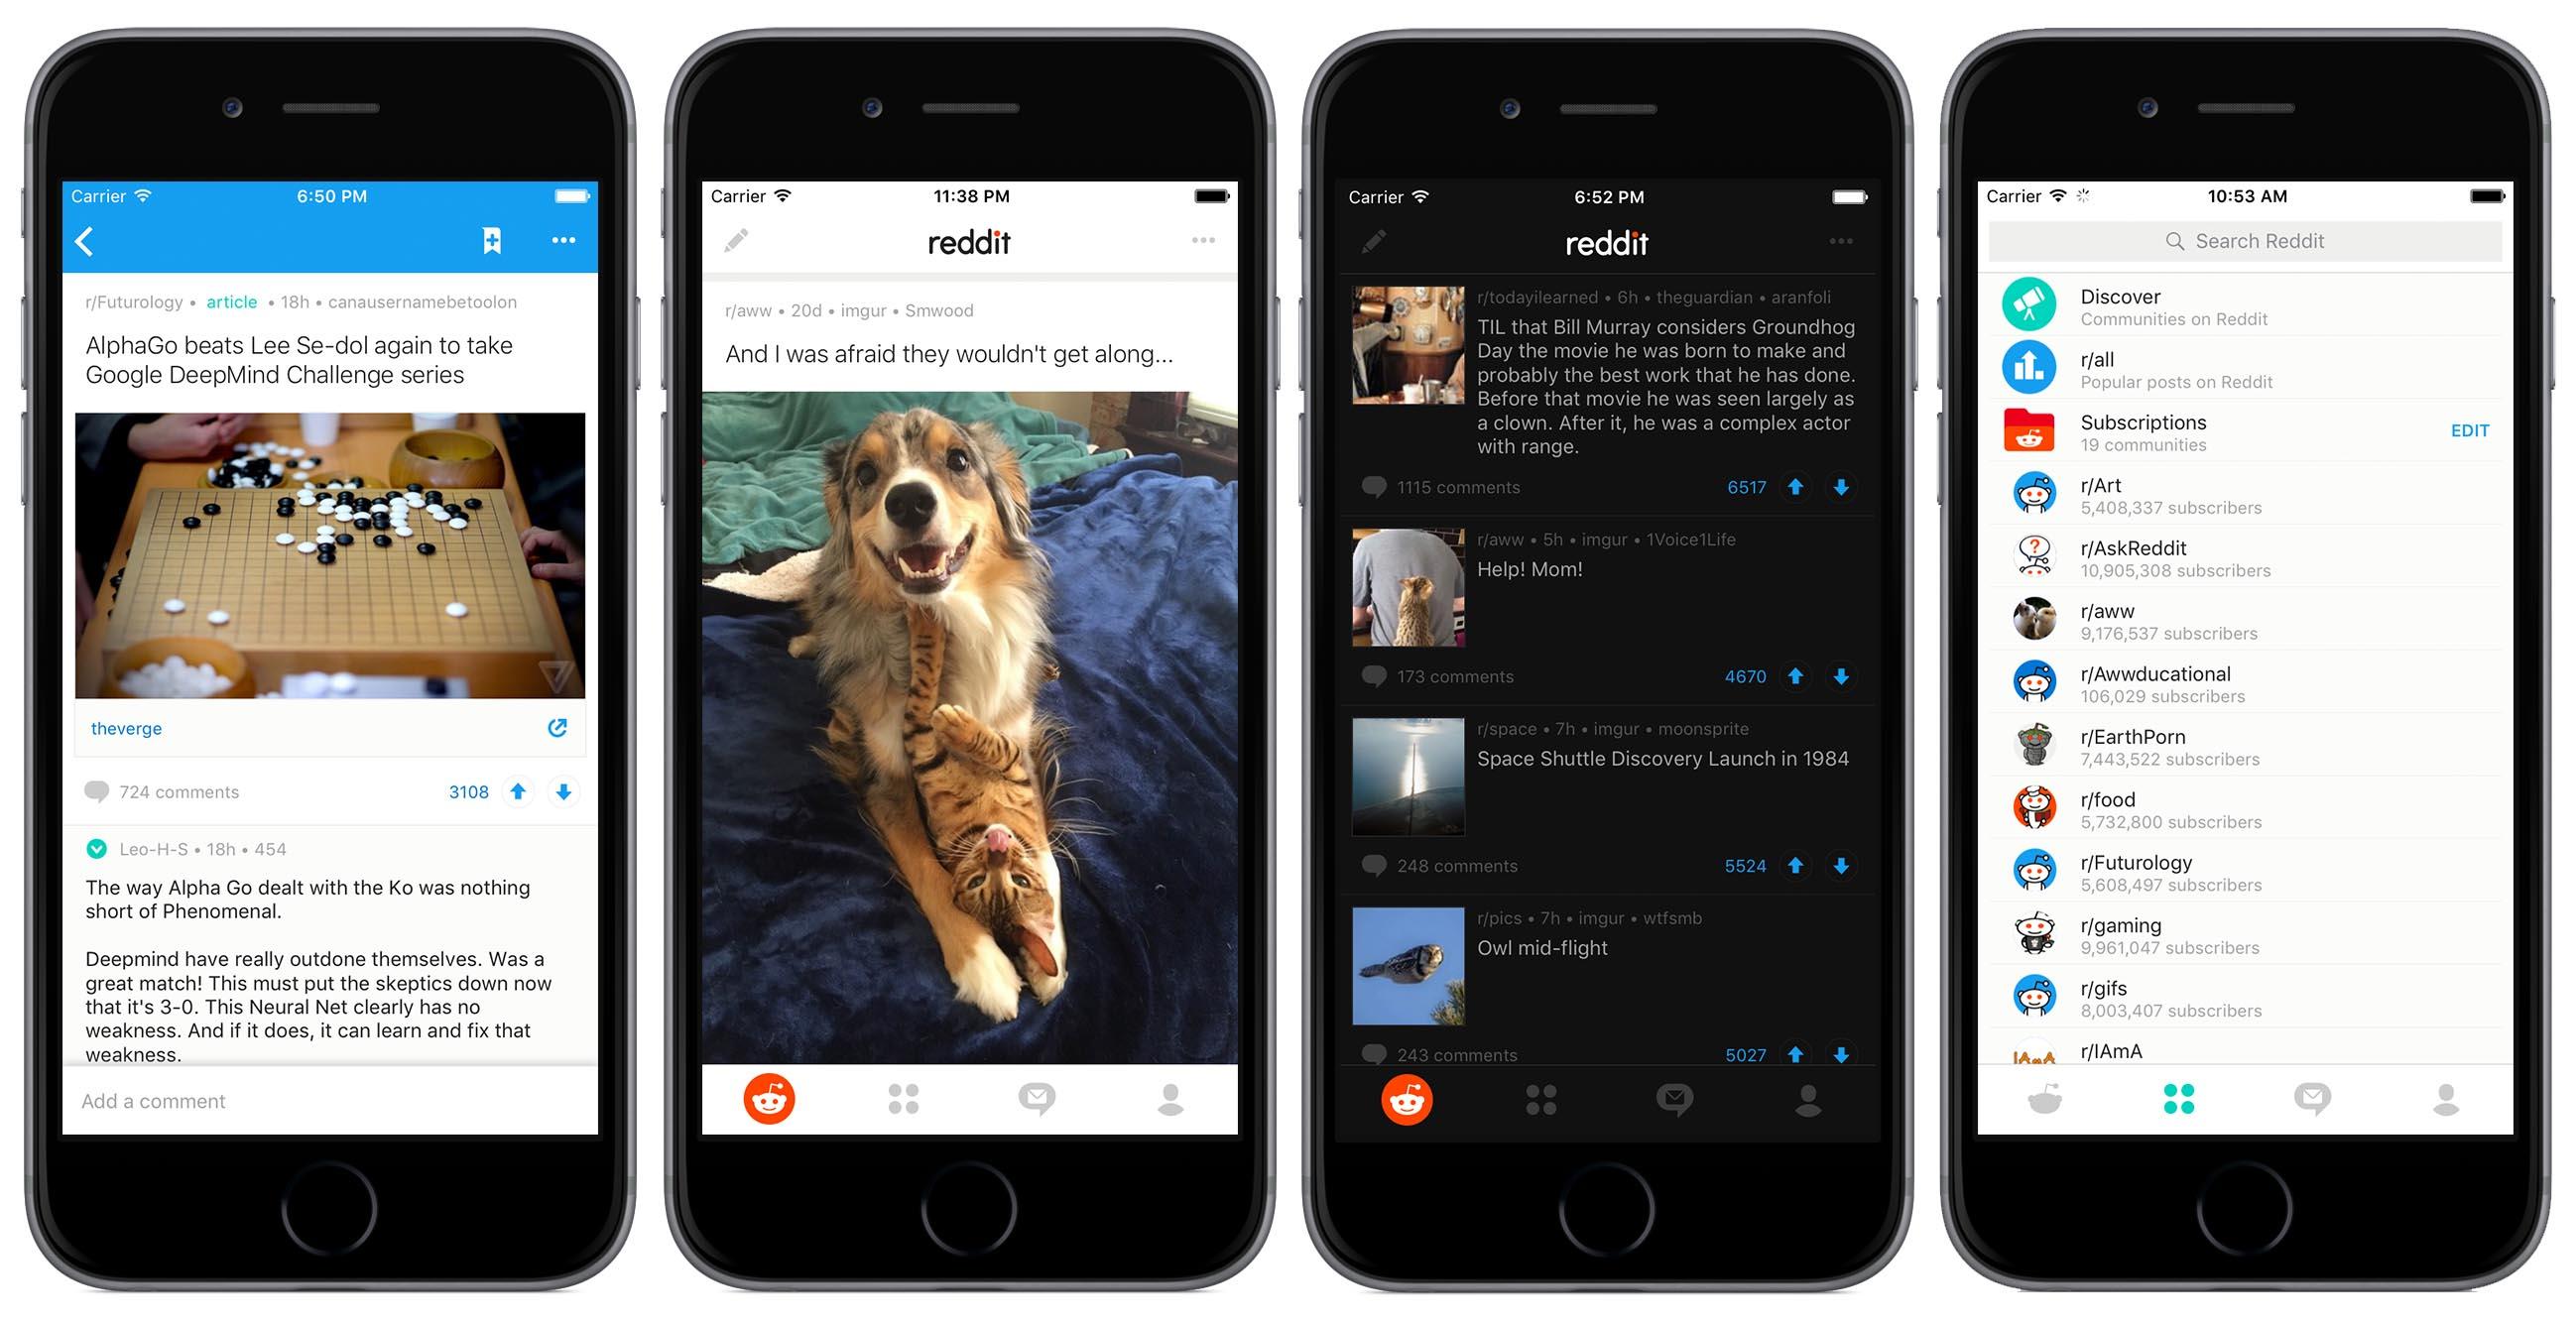 Reddit for iOS screens